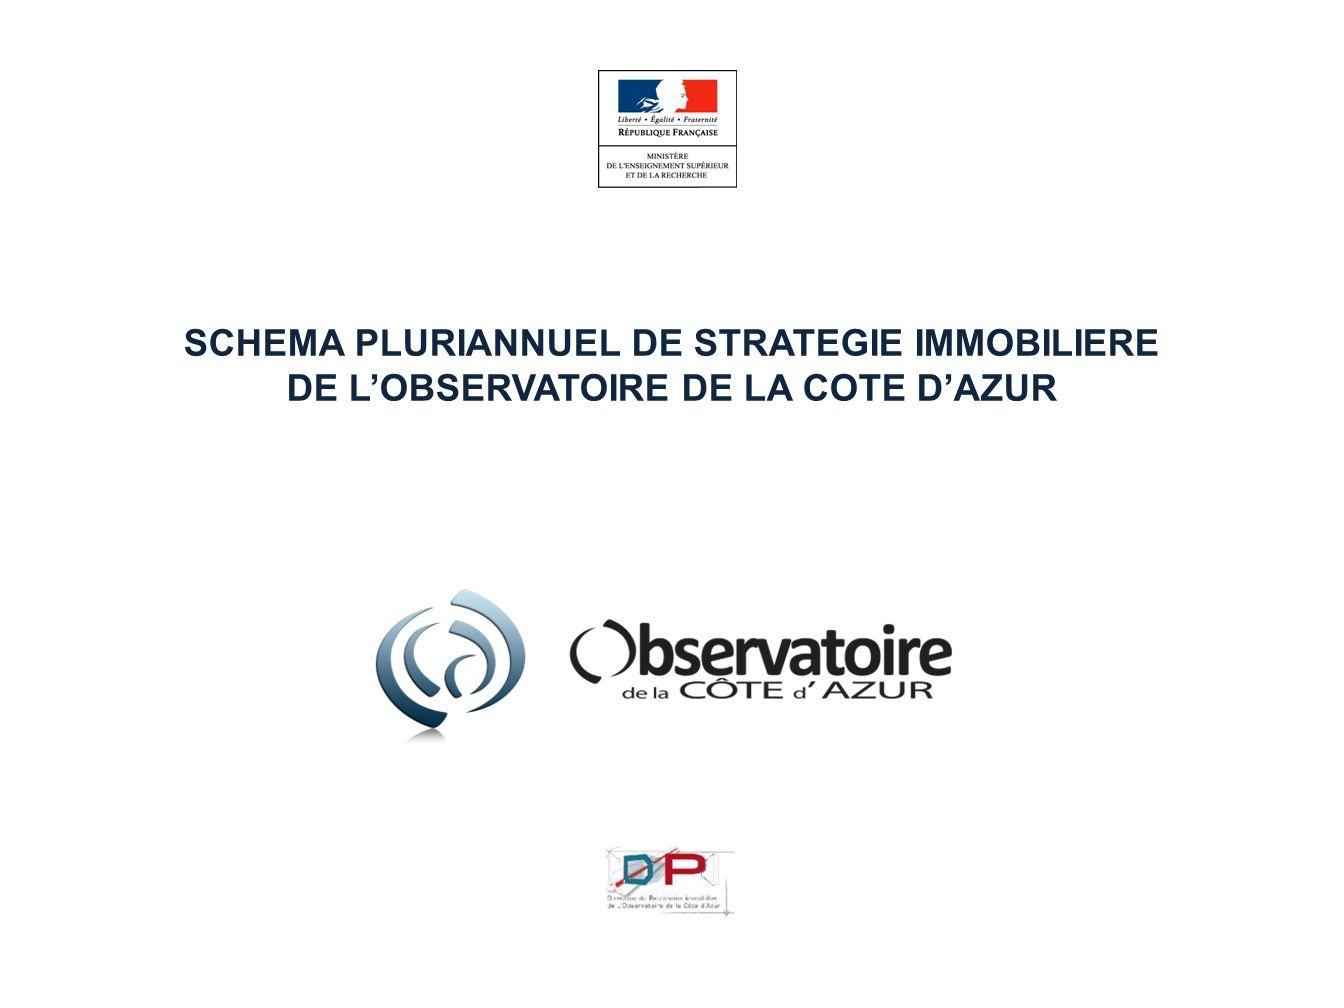 SCHEMA PLURIANNUEL DE STRATEGIE IMMOBILIERE DE LOBSERVATOIRE DE LA COTE DAZUR DECEMBRE 2010